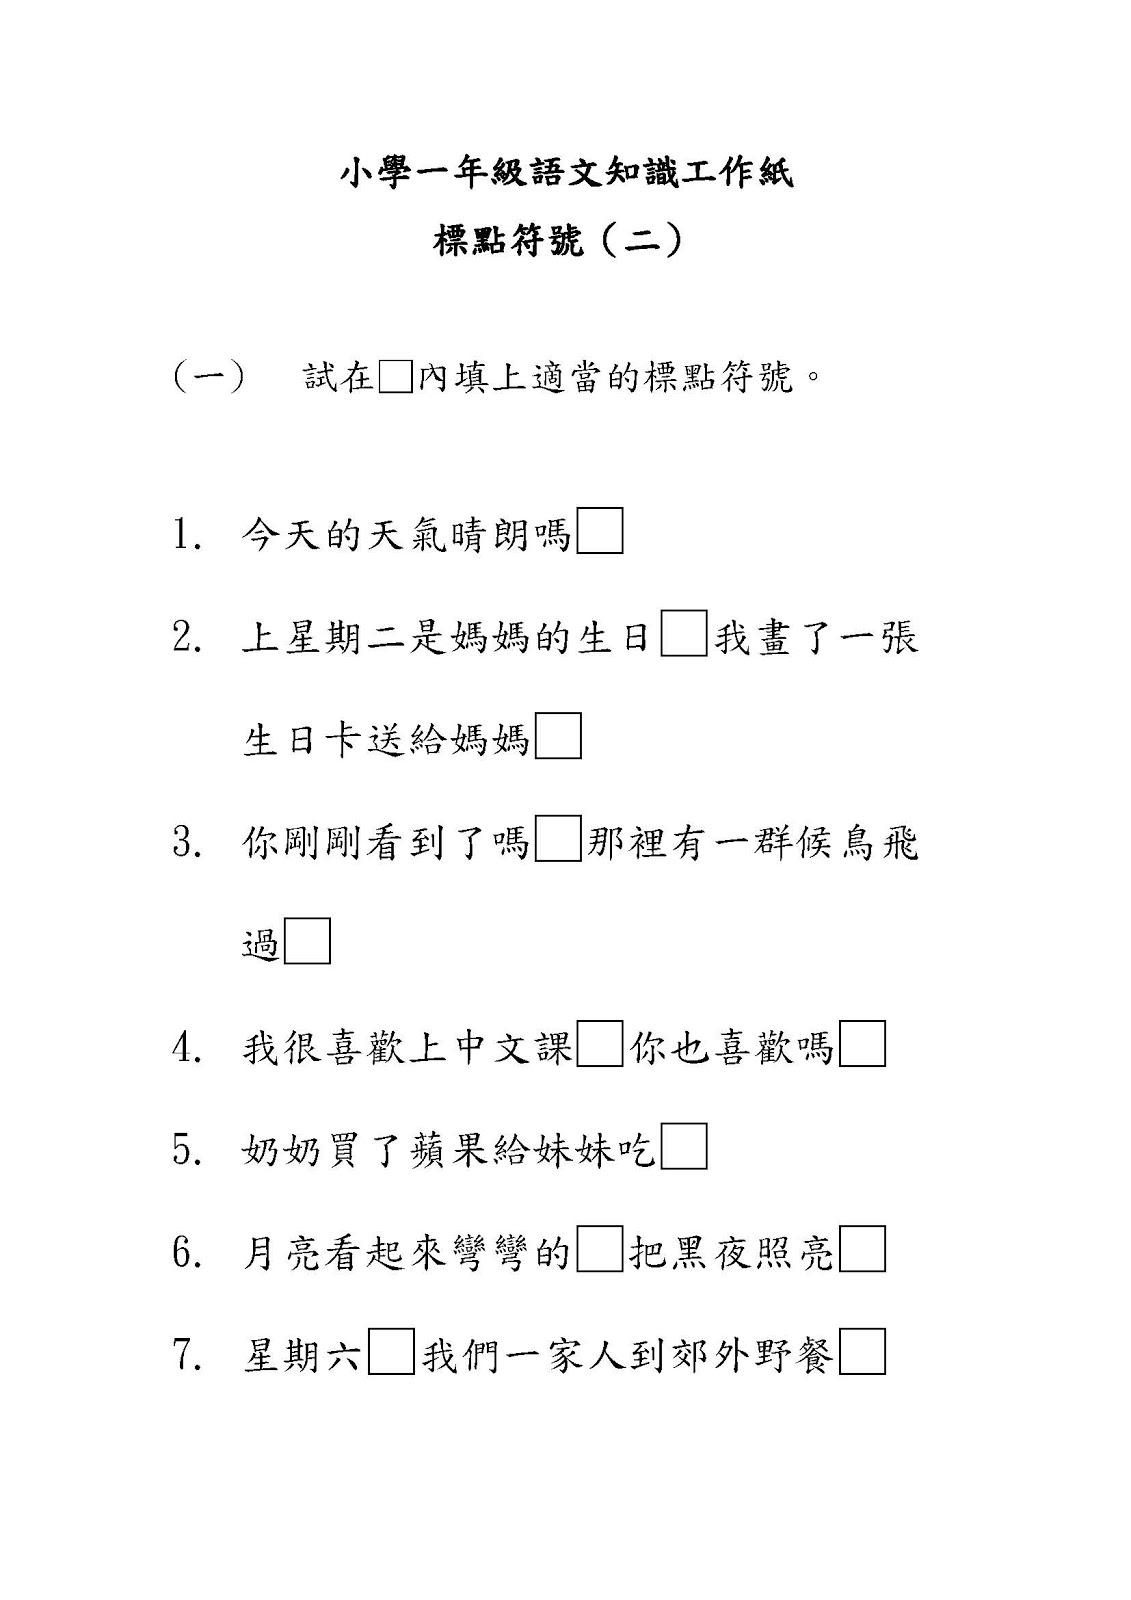 小一語文知識工作紙:標點符號(二)|中文工作紙|尤莉姐姐的反轉學堂